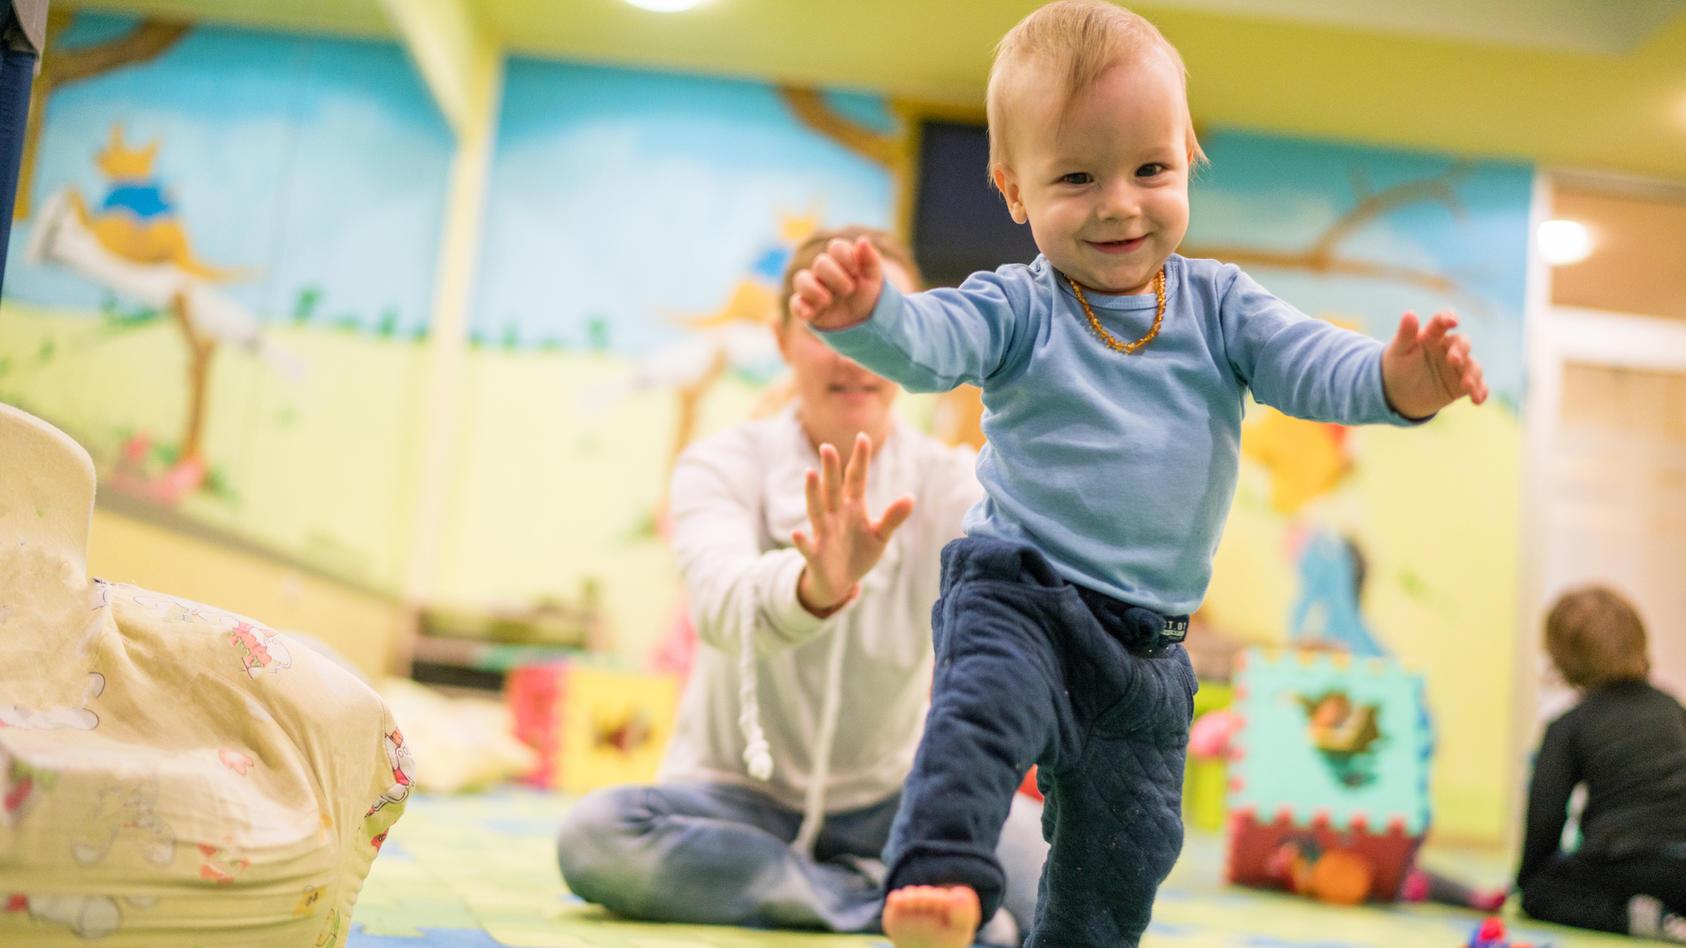 Im PREKiP-Kurs wird das Kind schon früh in seiner Entwicklung gefördert, indem es lernt, aus EIgenmotivation heraus zu handeln. Alles rund um die Vorteile des Babykurses.